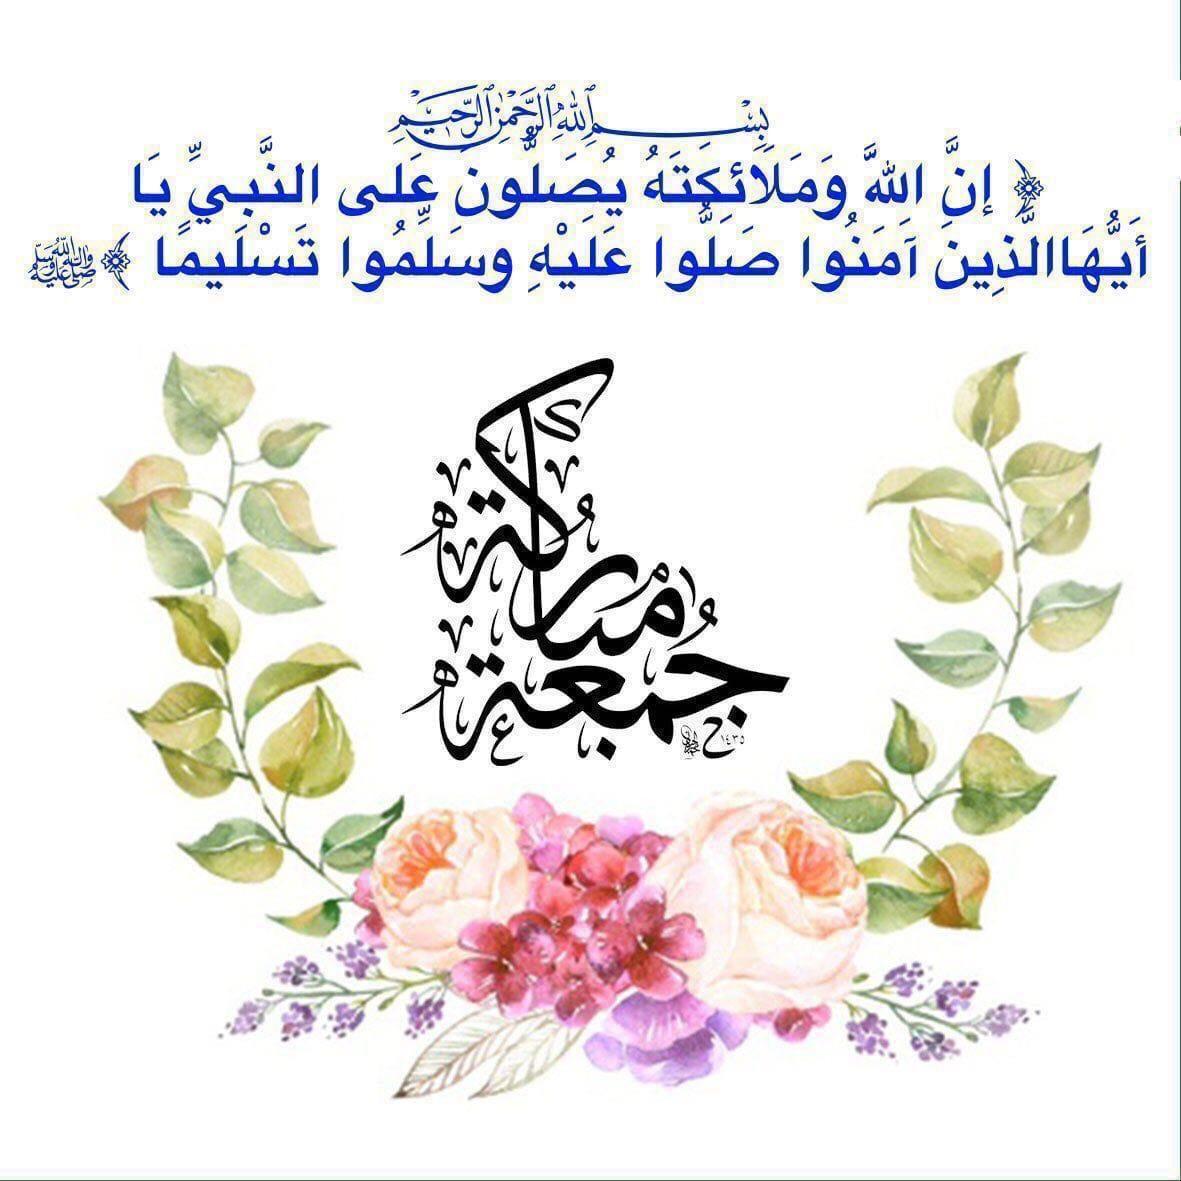 اللهم صل على محمد وآل محمد جمعه مباركه Floral Border Design Islamic Pictures Floral Border